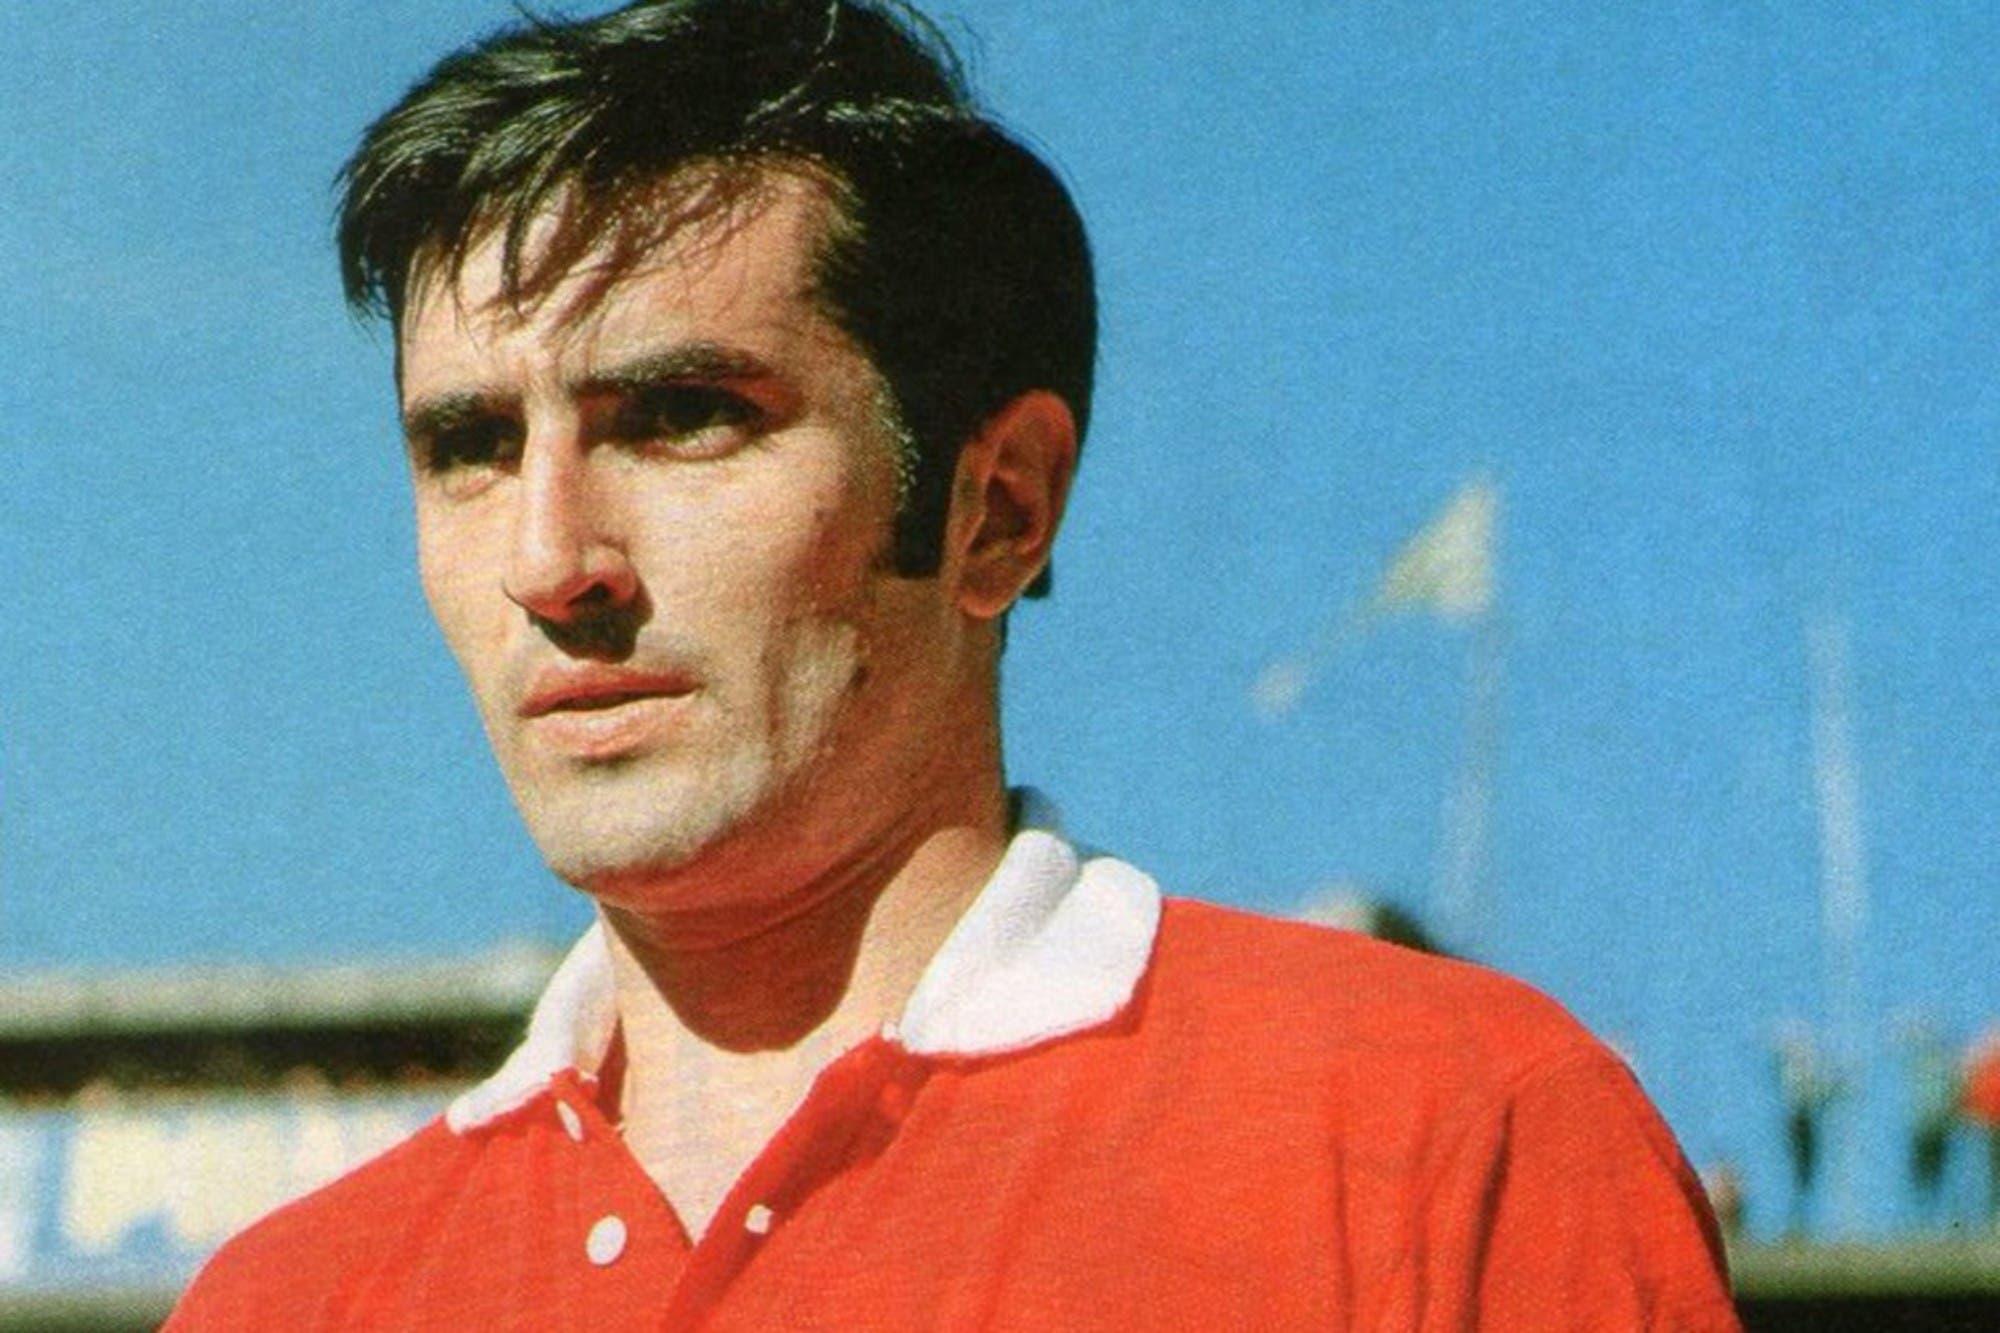 Eduardo Maglioni, el hombre récord de Independiente: tres goles en un minuto 51 segundos